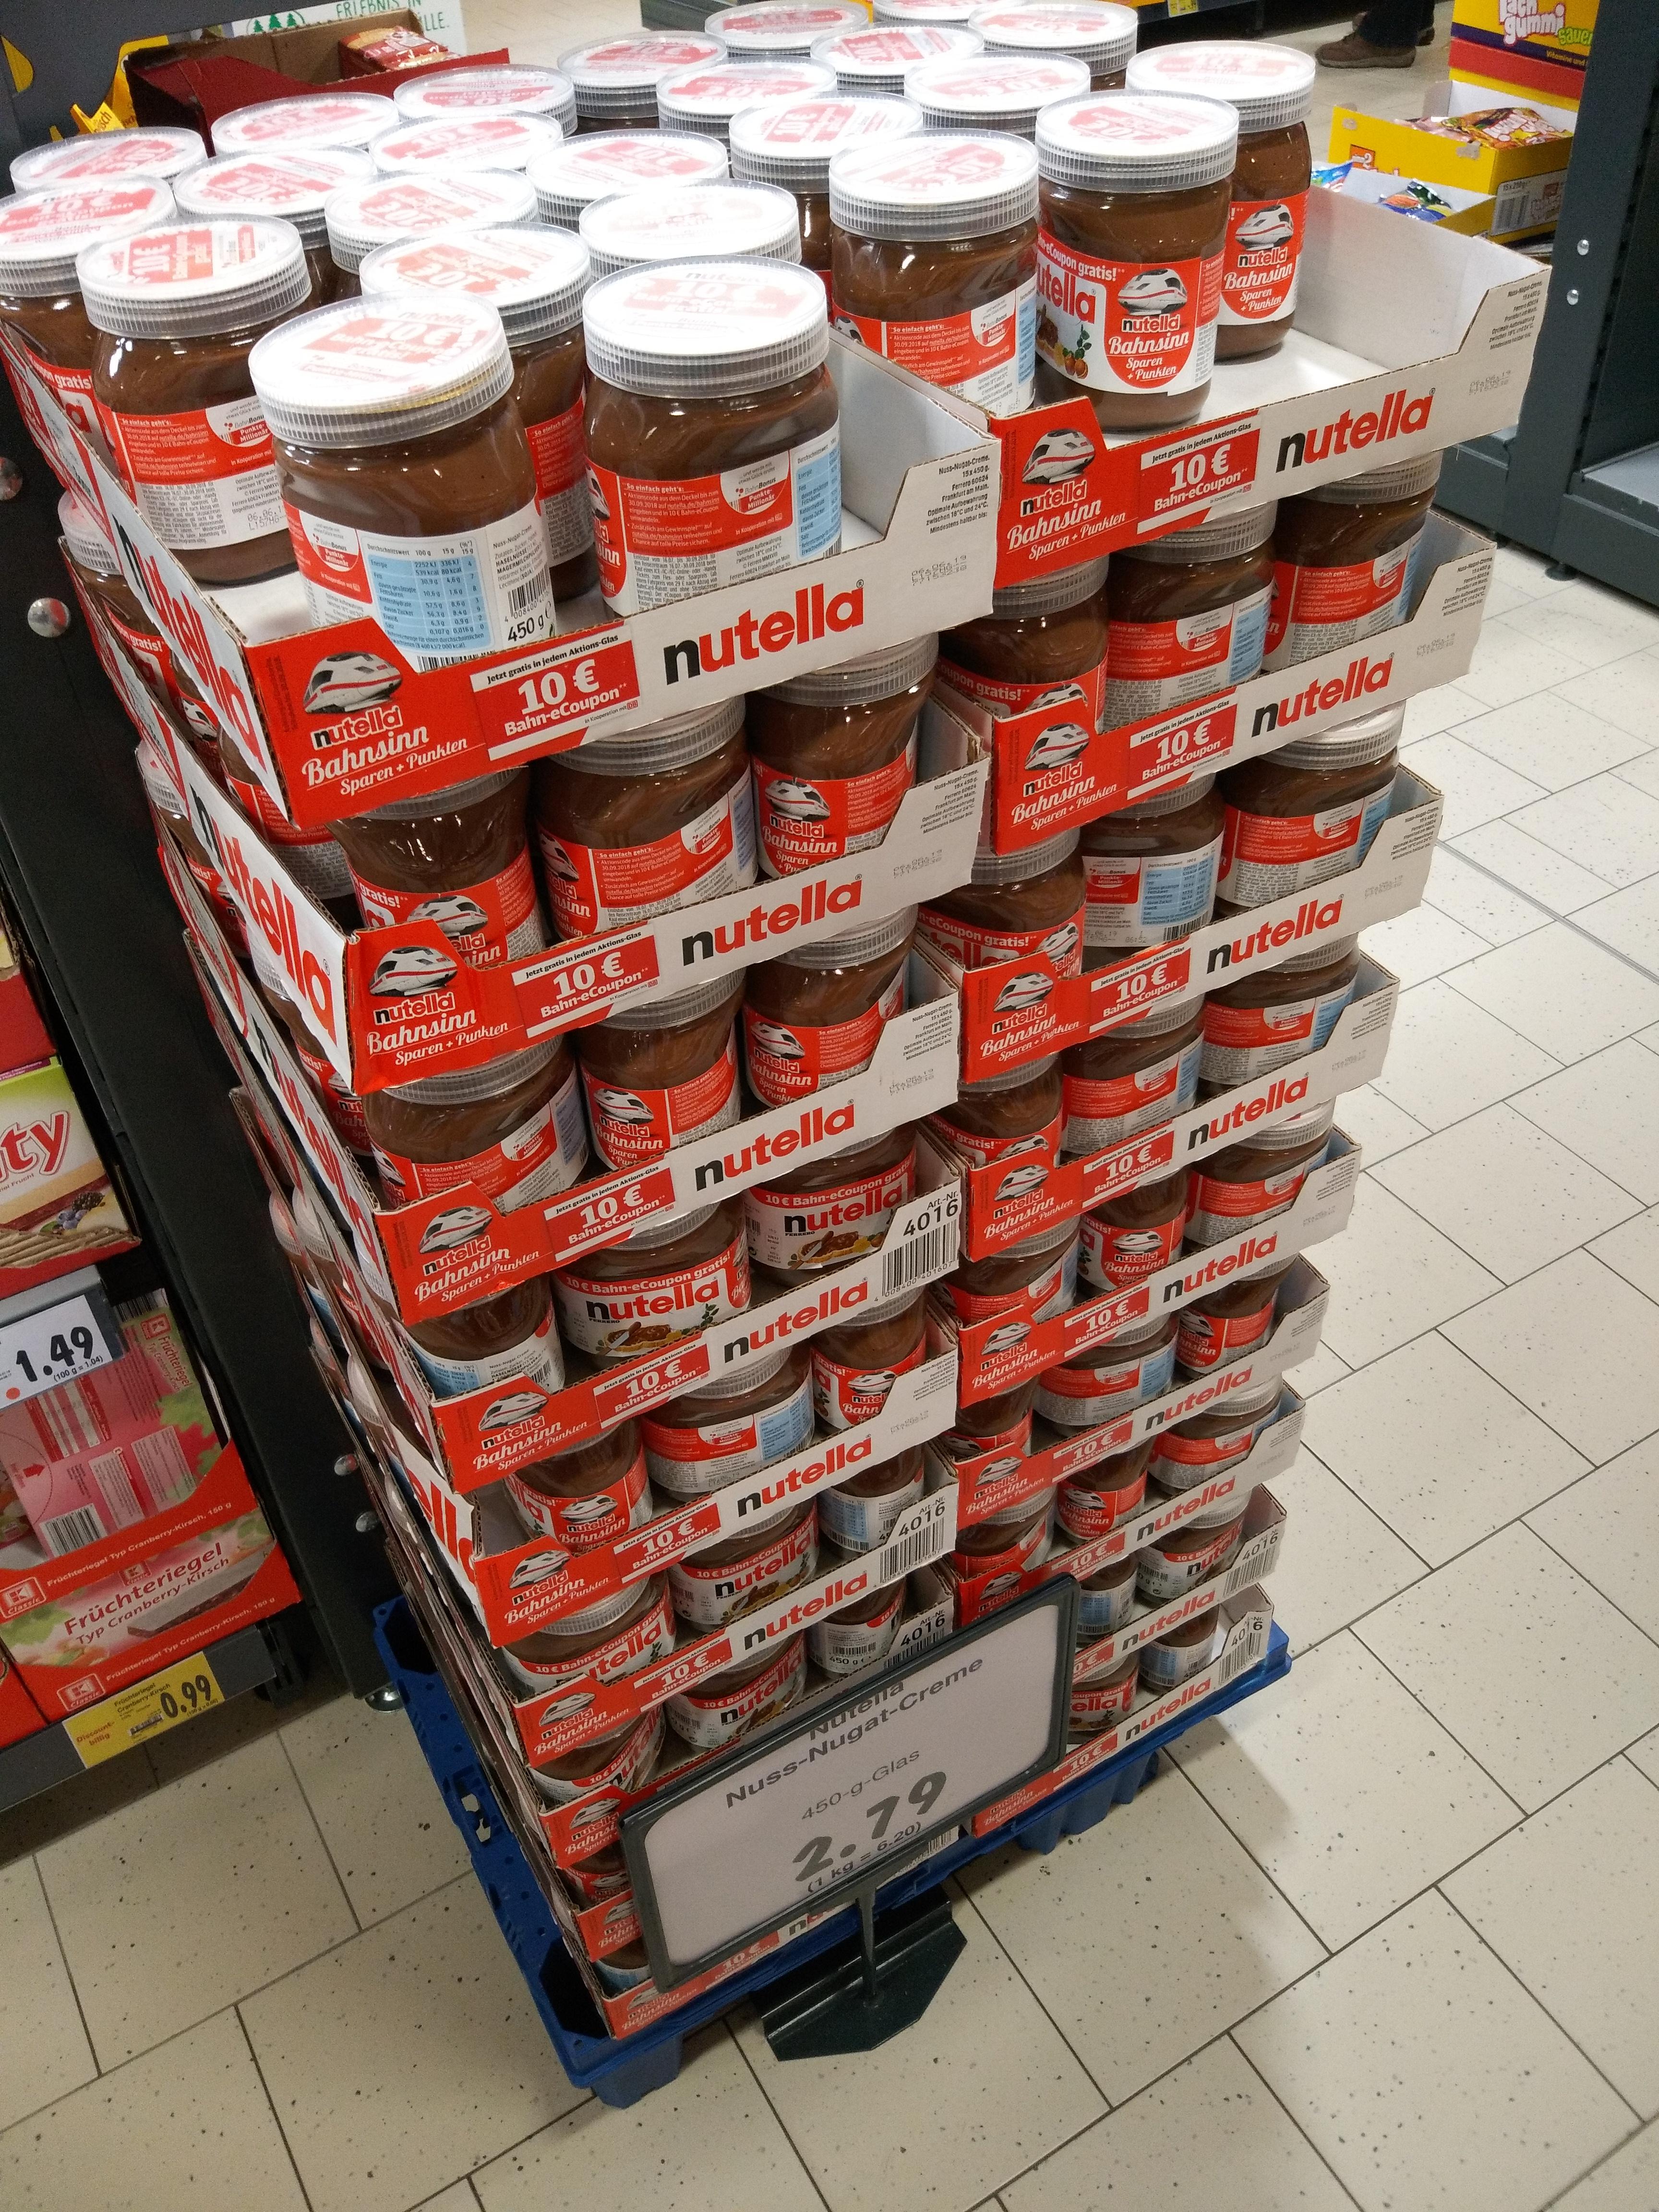 [Kaufland] Nutella-Aktionsgläser: 2,79 Euro mit 10-Euro-Bahngutschein